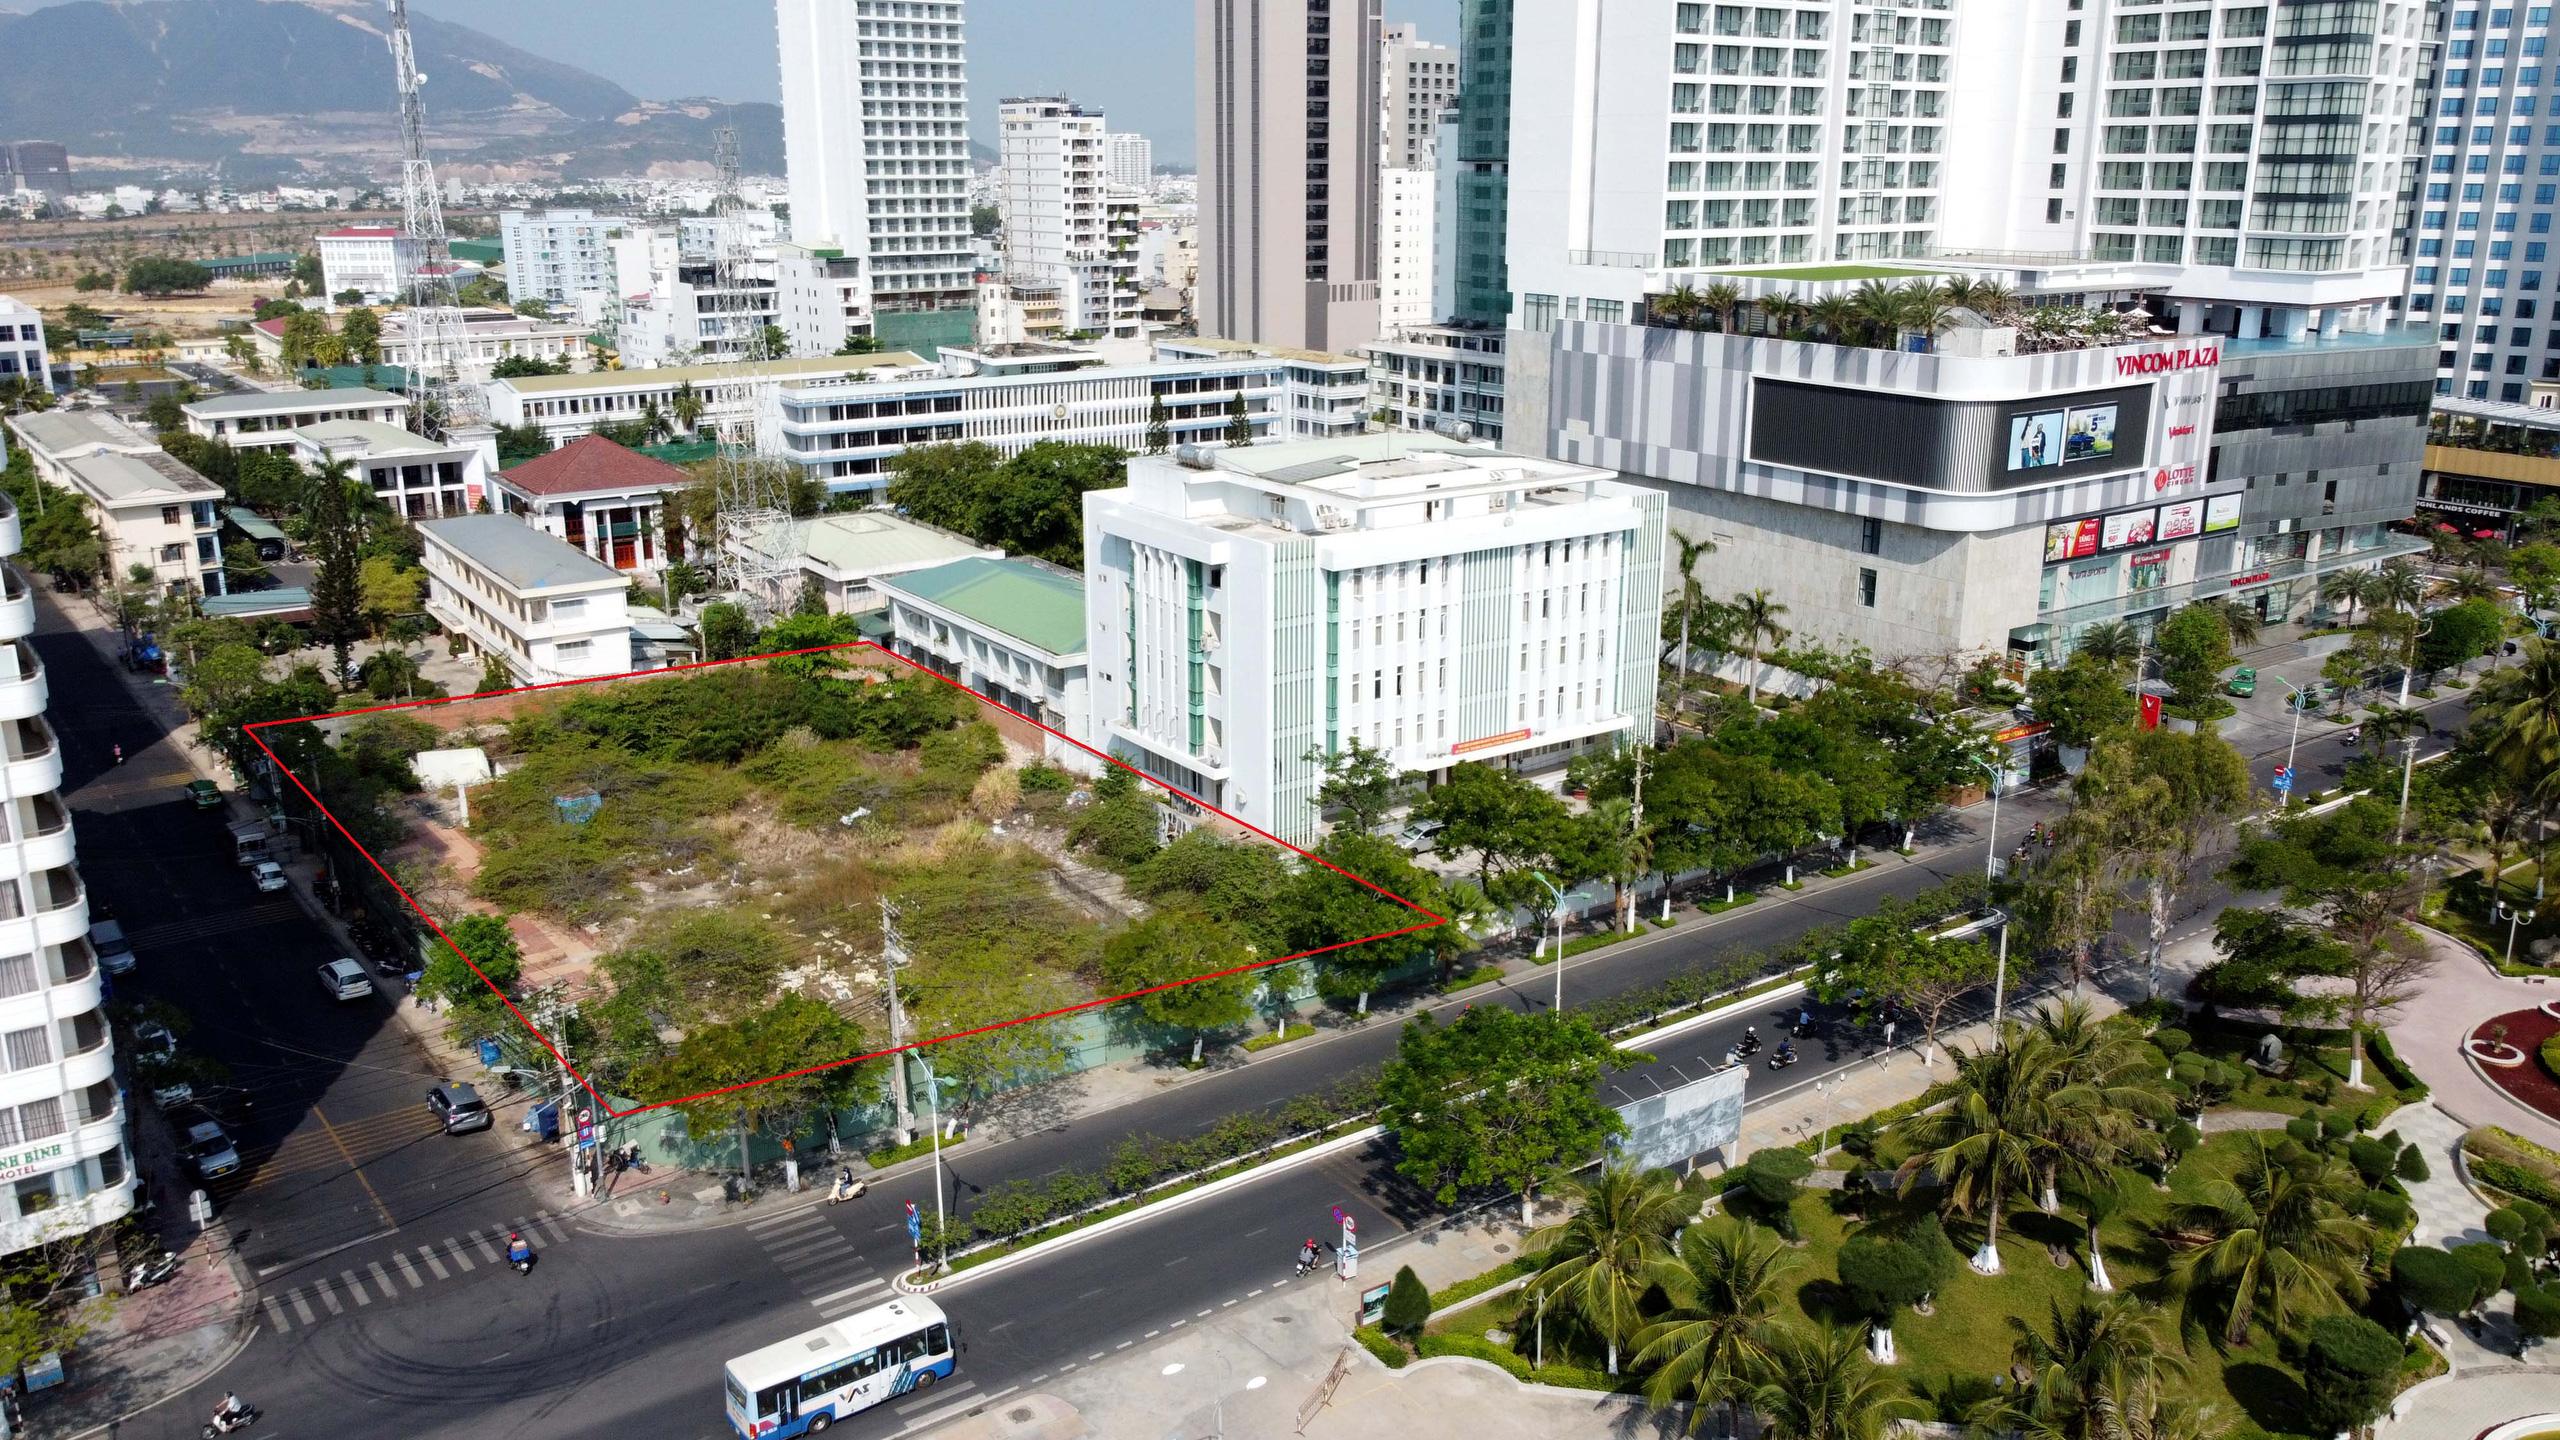 Hàng loạt dự án 'đất vàng' mặt tiền biển Nha Trang trở thành bãi hoang - Ảnh 5.